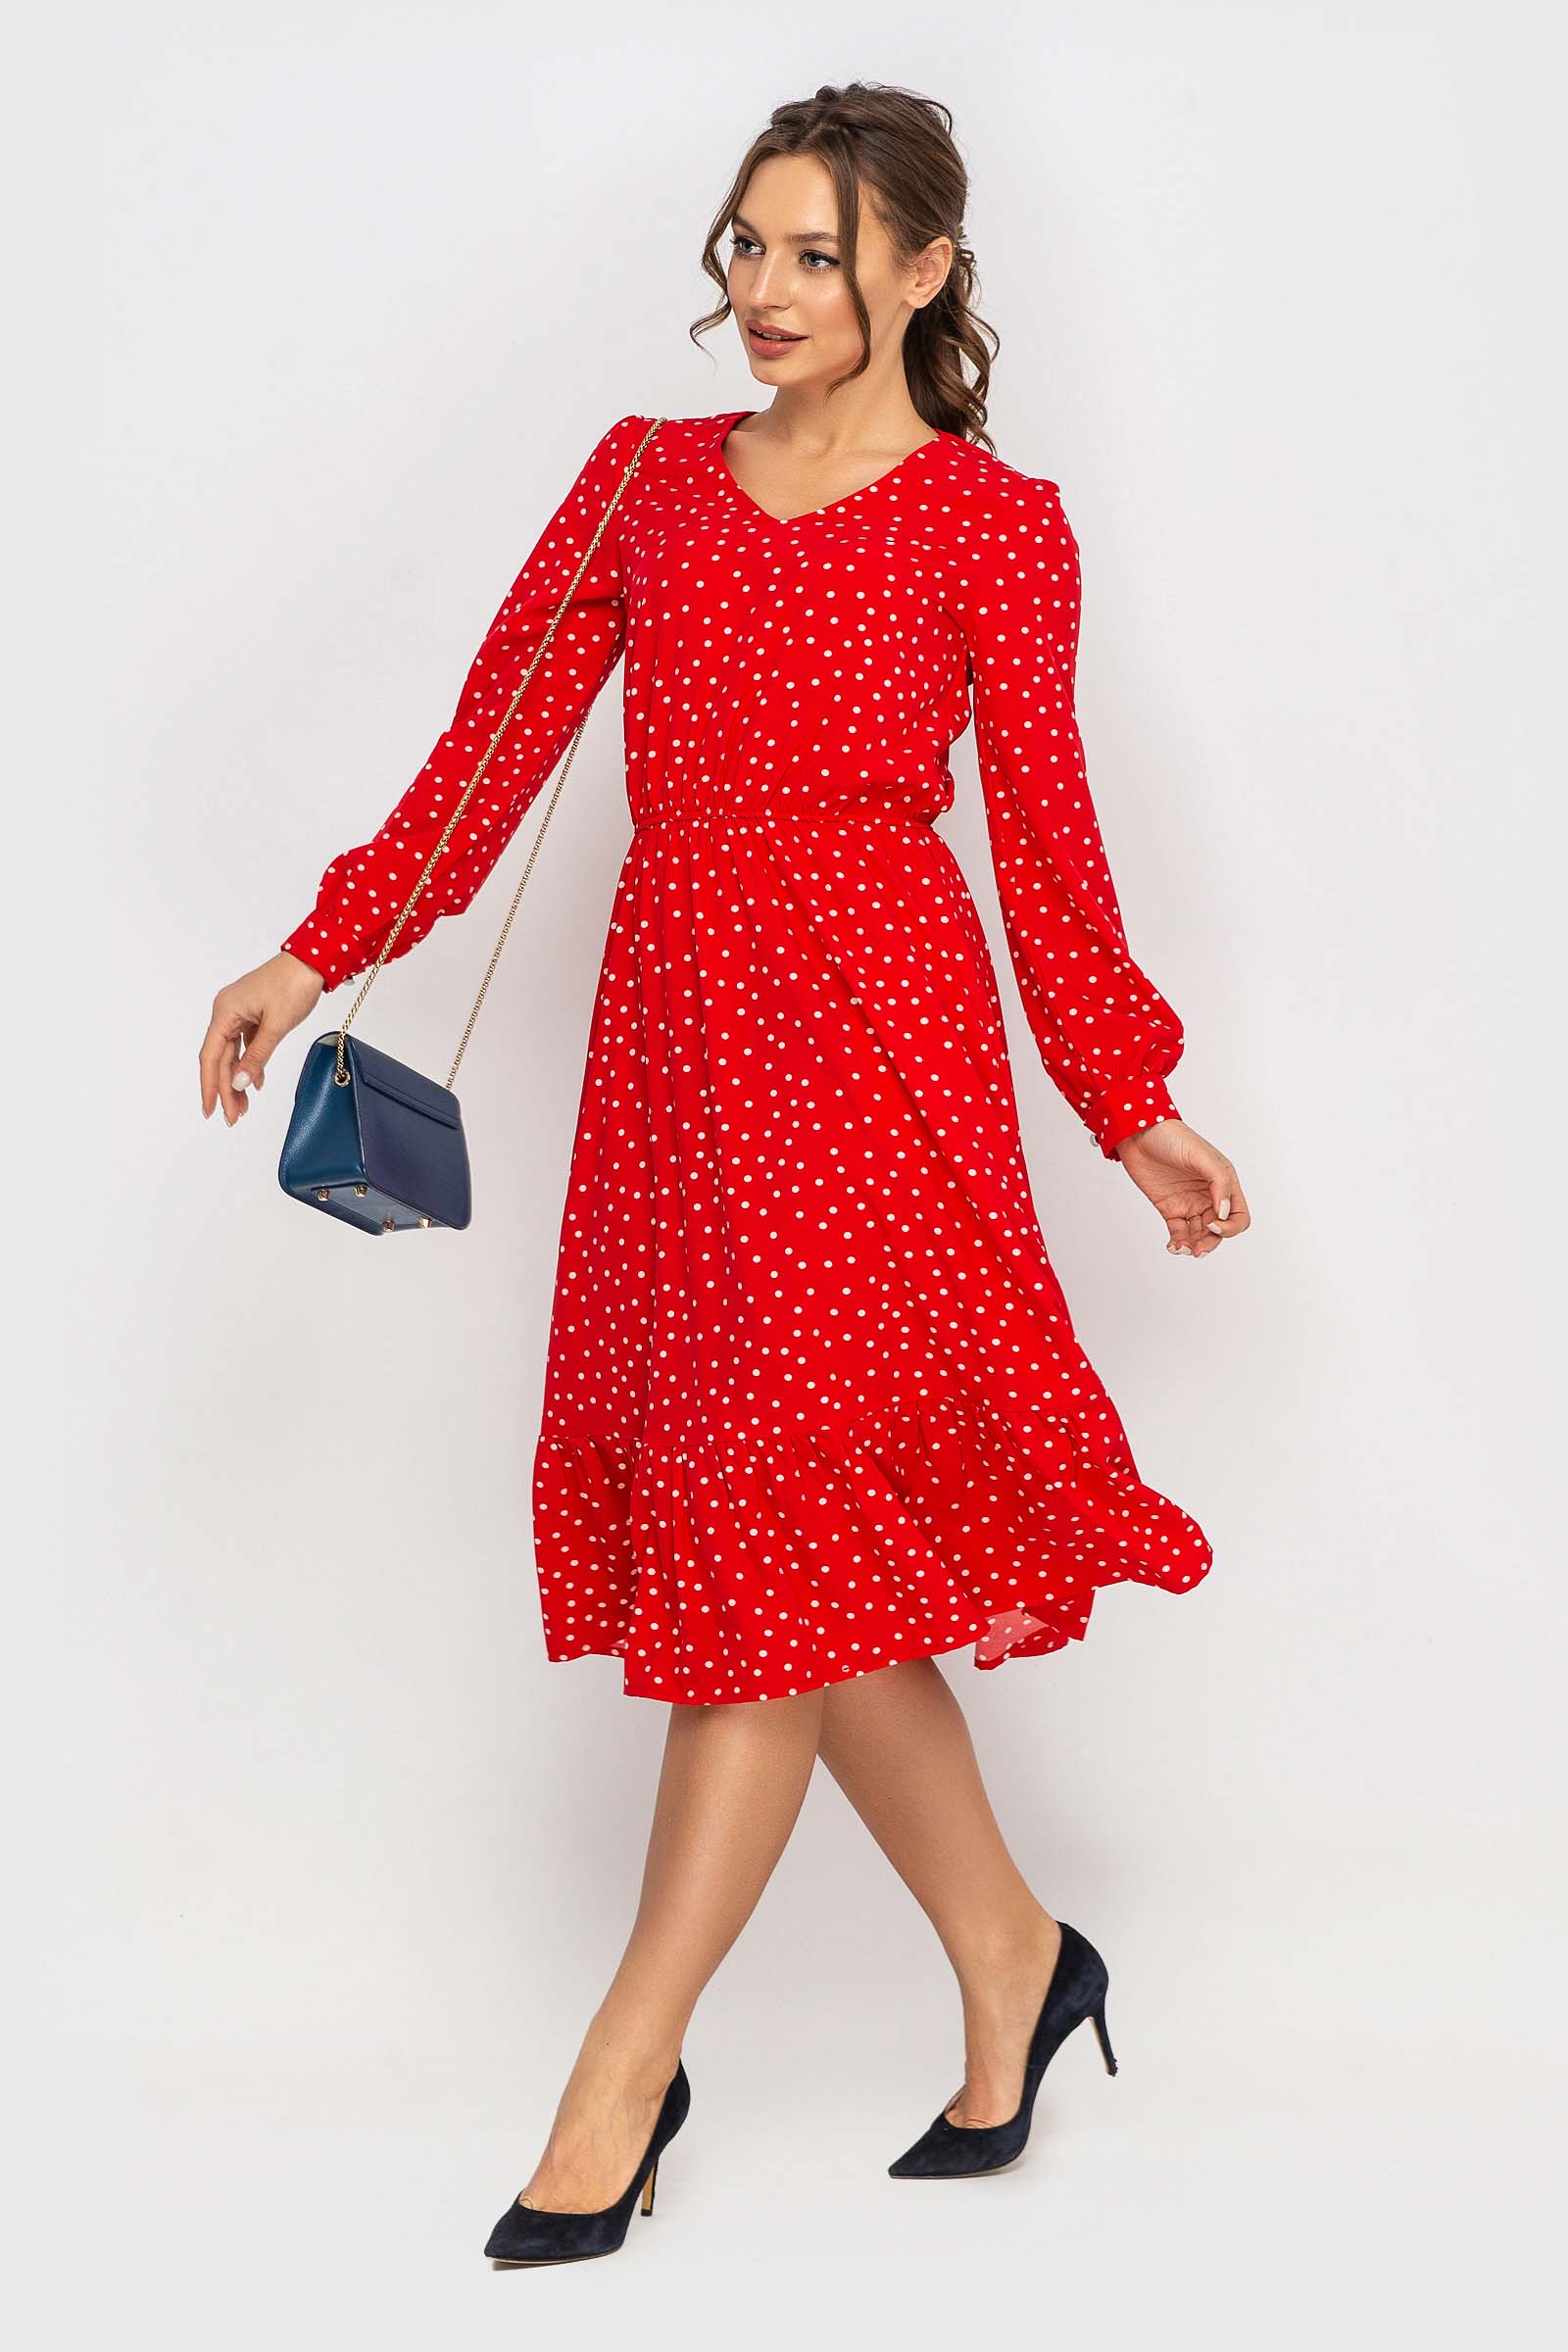 2019 12 21322868 Купить платье